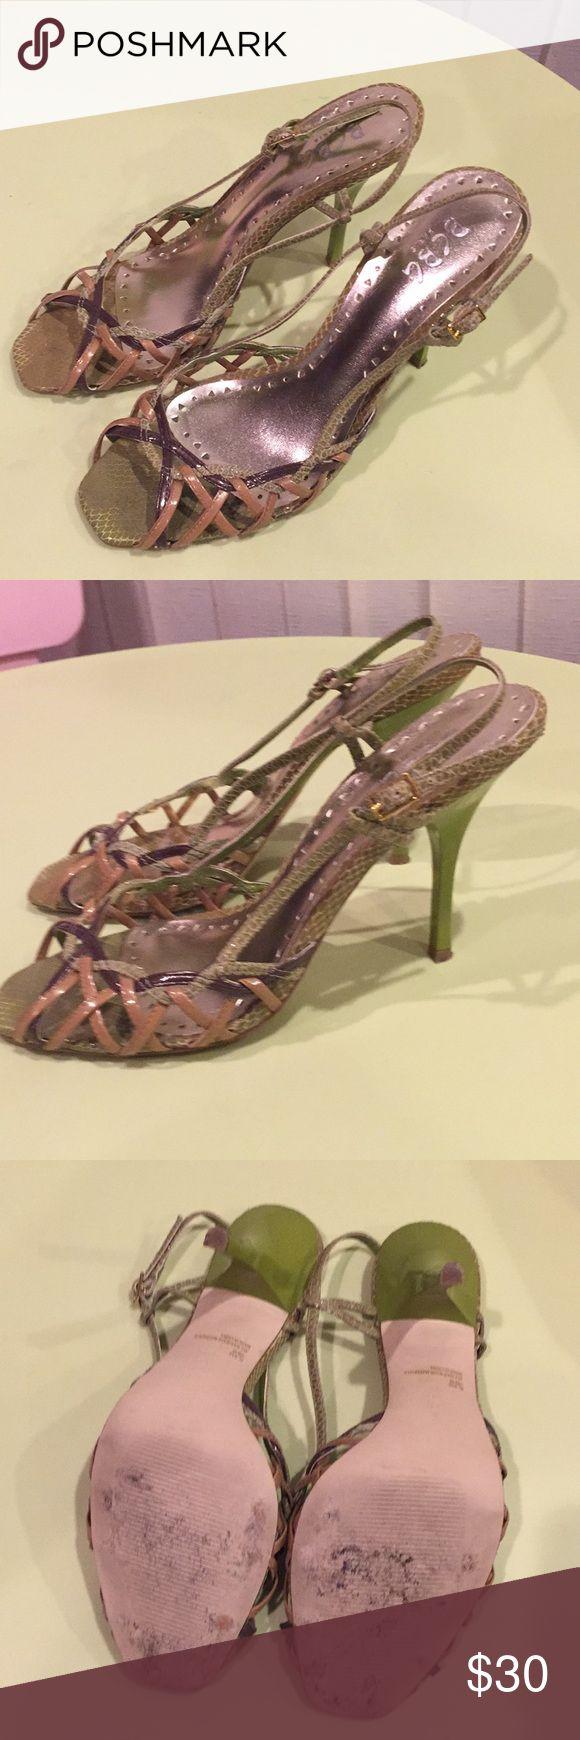 BCBG Paris green beige heels sandals Worn once , heels very comfortable for the height of heel , heel height 4 in. Size 10 BCBG Shoes Heels